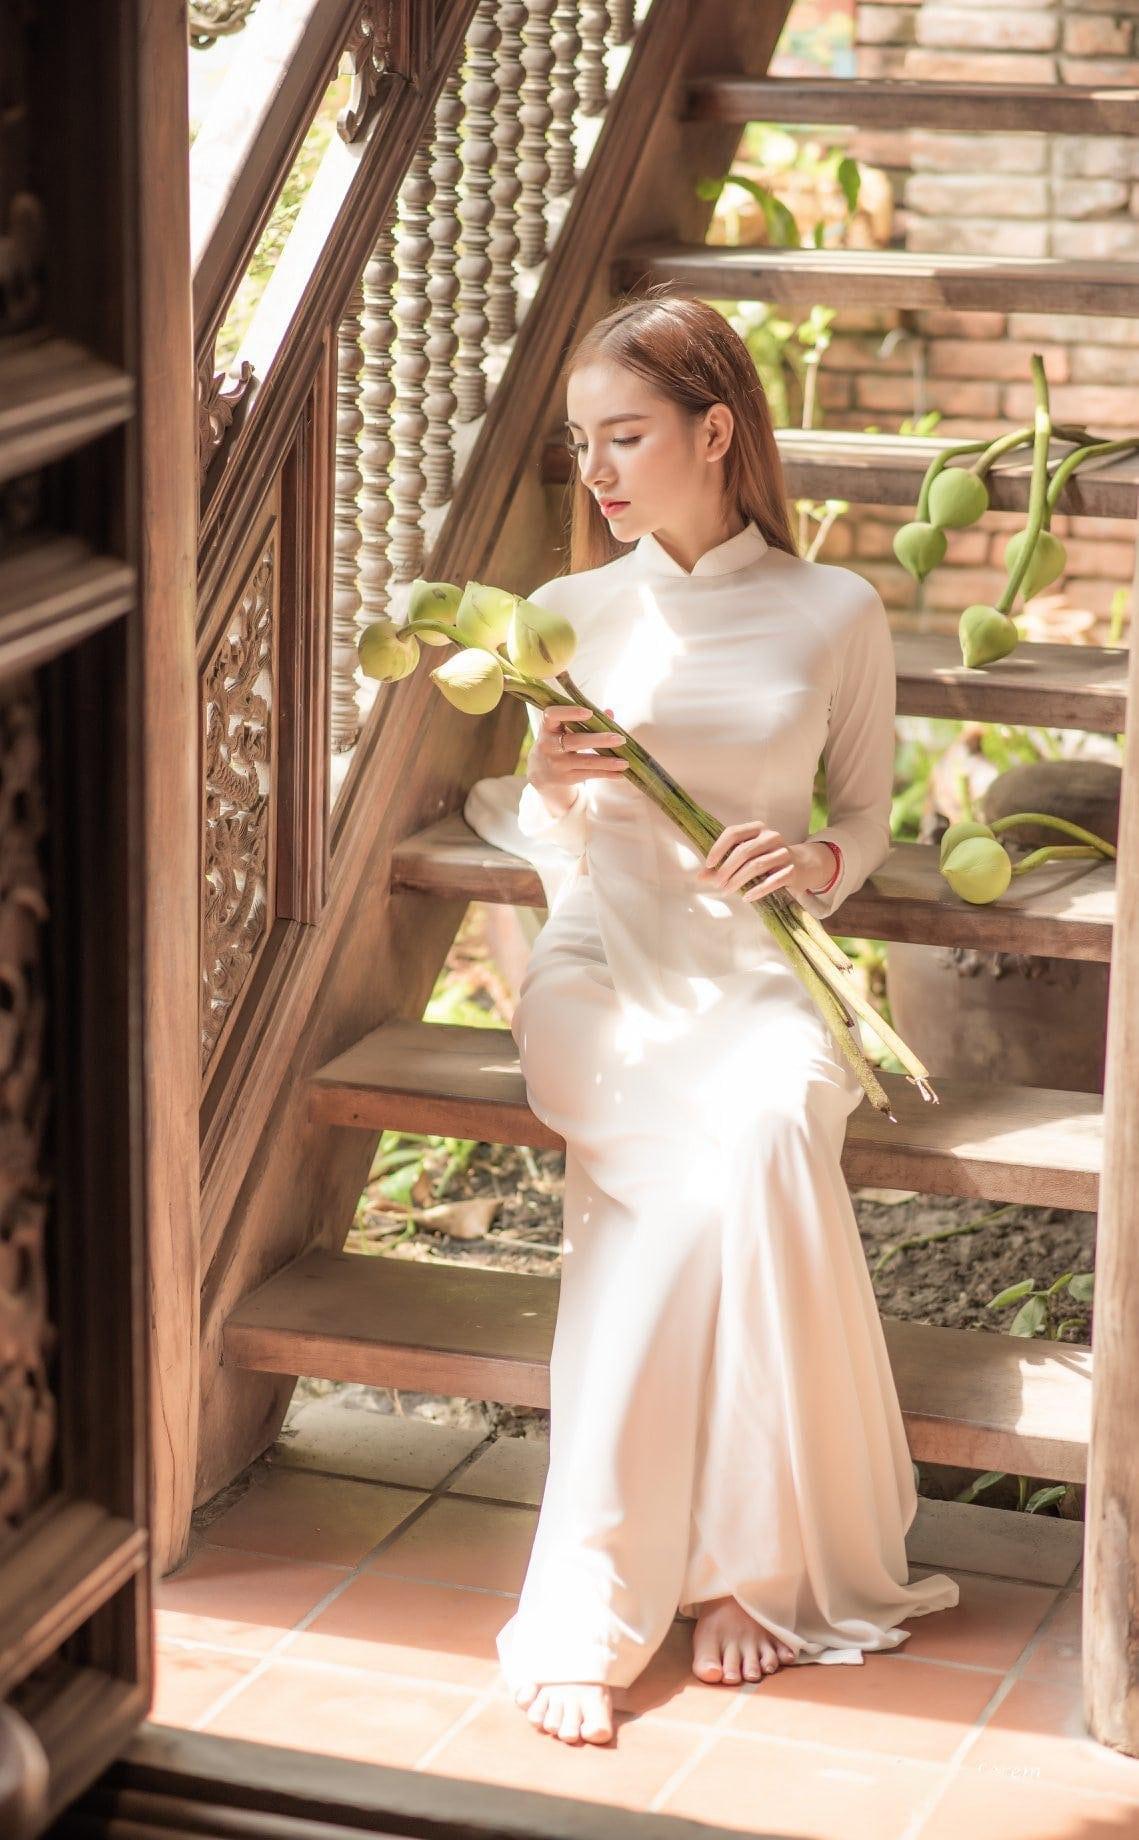 Tao dang voi ao dai 2 - 49 cách tạo dáng chụp ảnh với áo dài tuyệt đẹp - HThao Studio